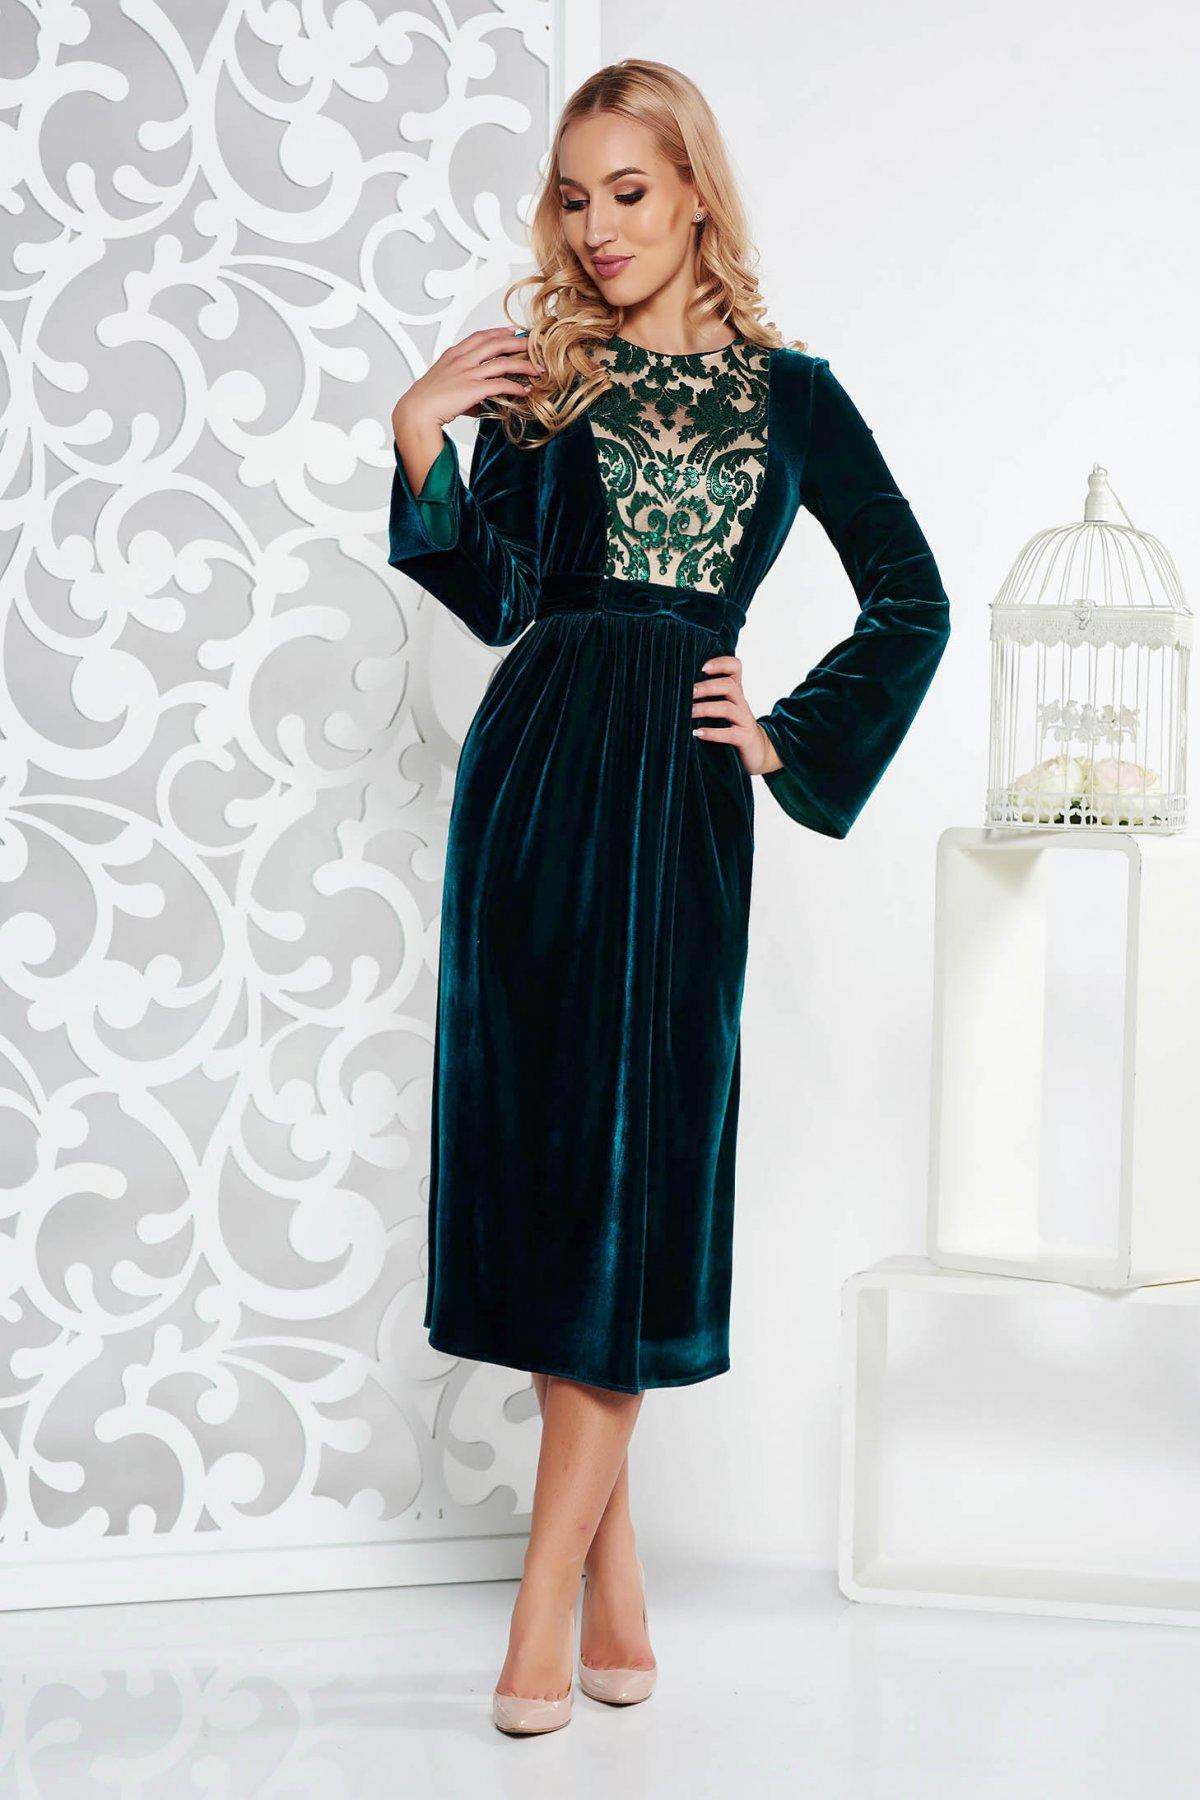 Rochie verde-inchis de ocazie midi in clos din catifea cu aplicatii cu paiete